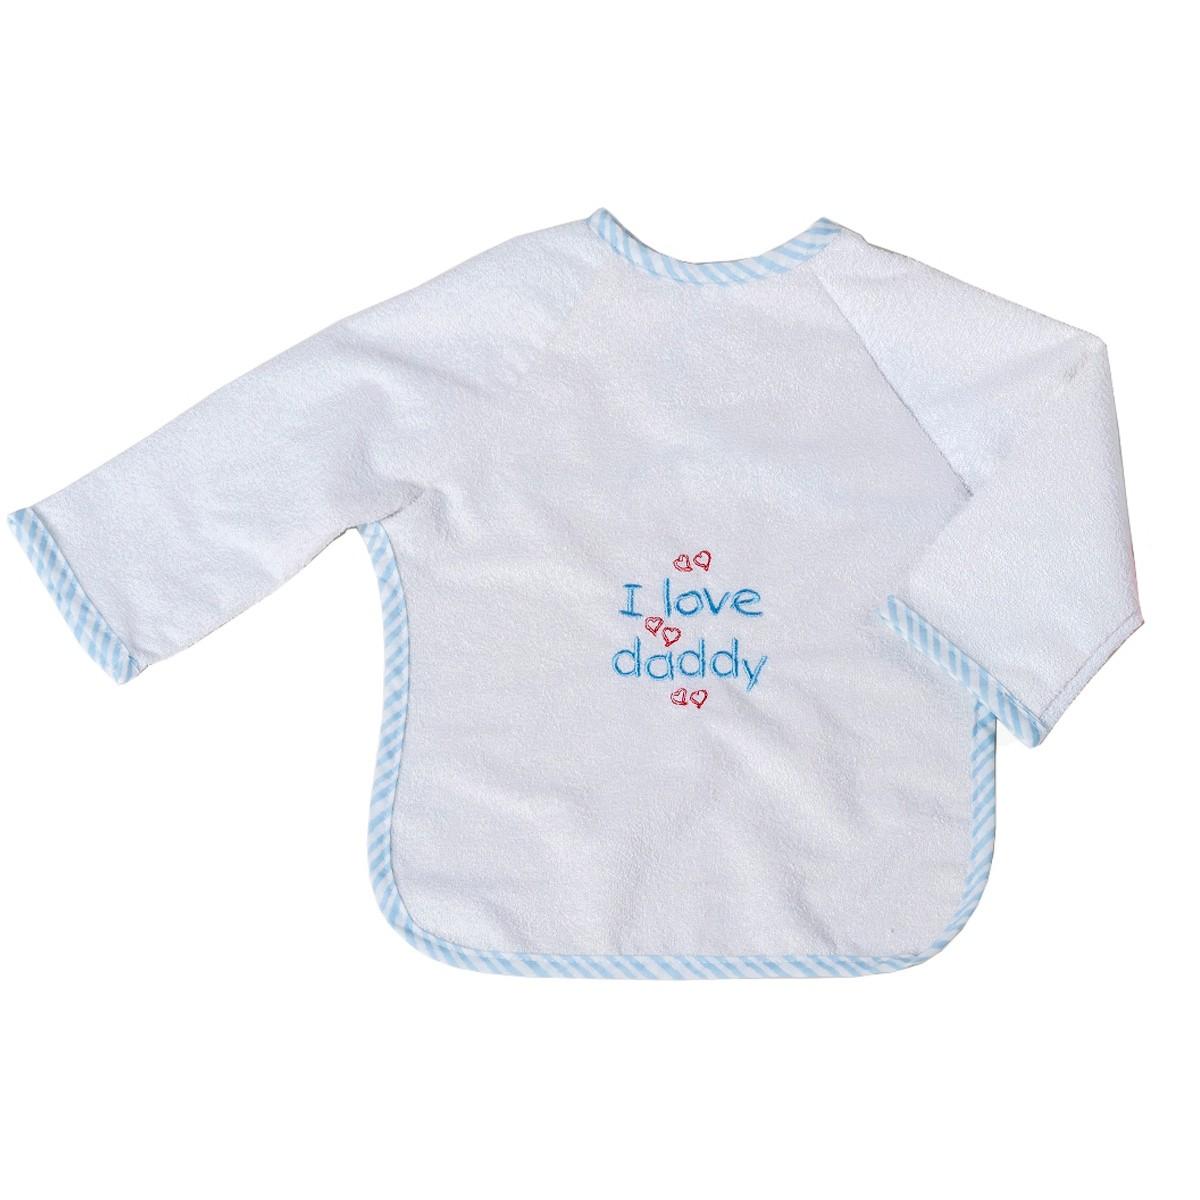 Σαλιάρα Με Μανίκια Κόσμος Του Μωρού 0610 Daddy Σιέλ home   βρεφικά   σαλιάρες βρεφικές